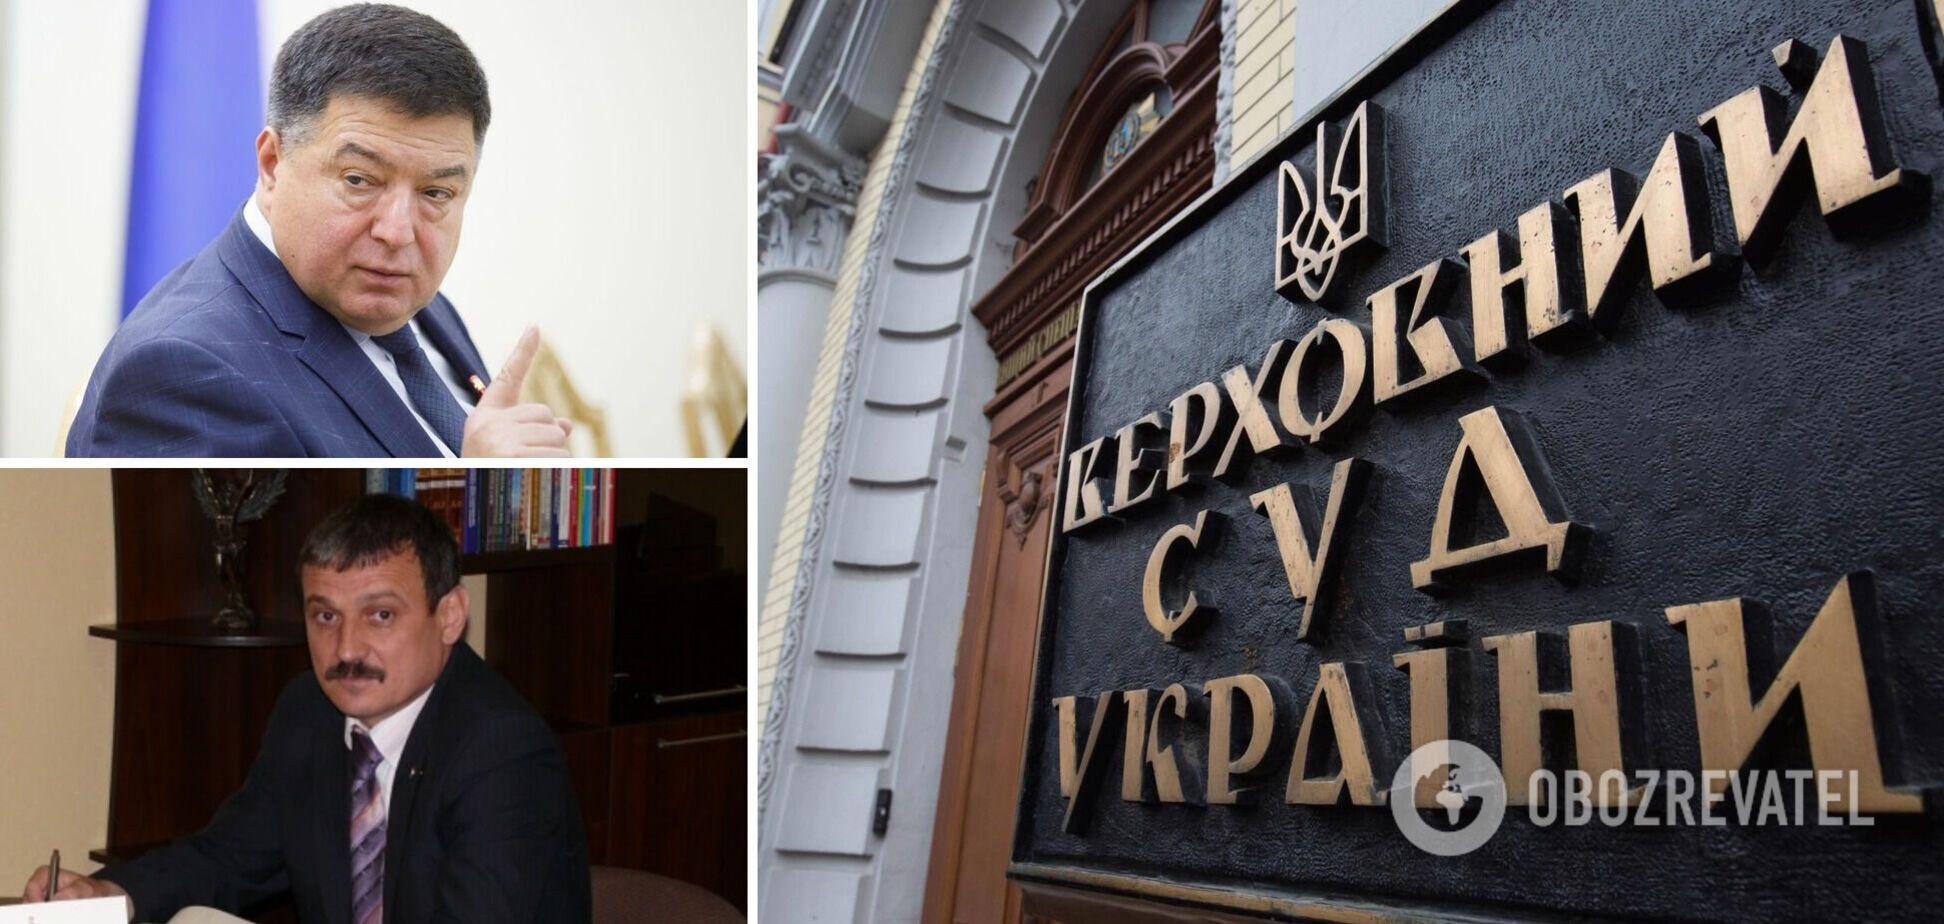 Тупицький і Касмінін оскаржили указ Зеленського у Верховному суді